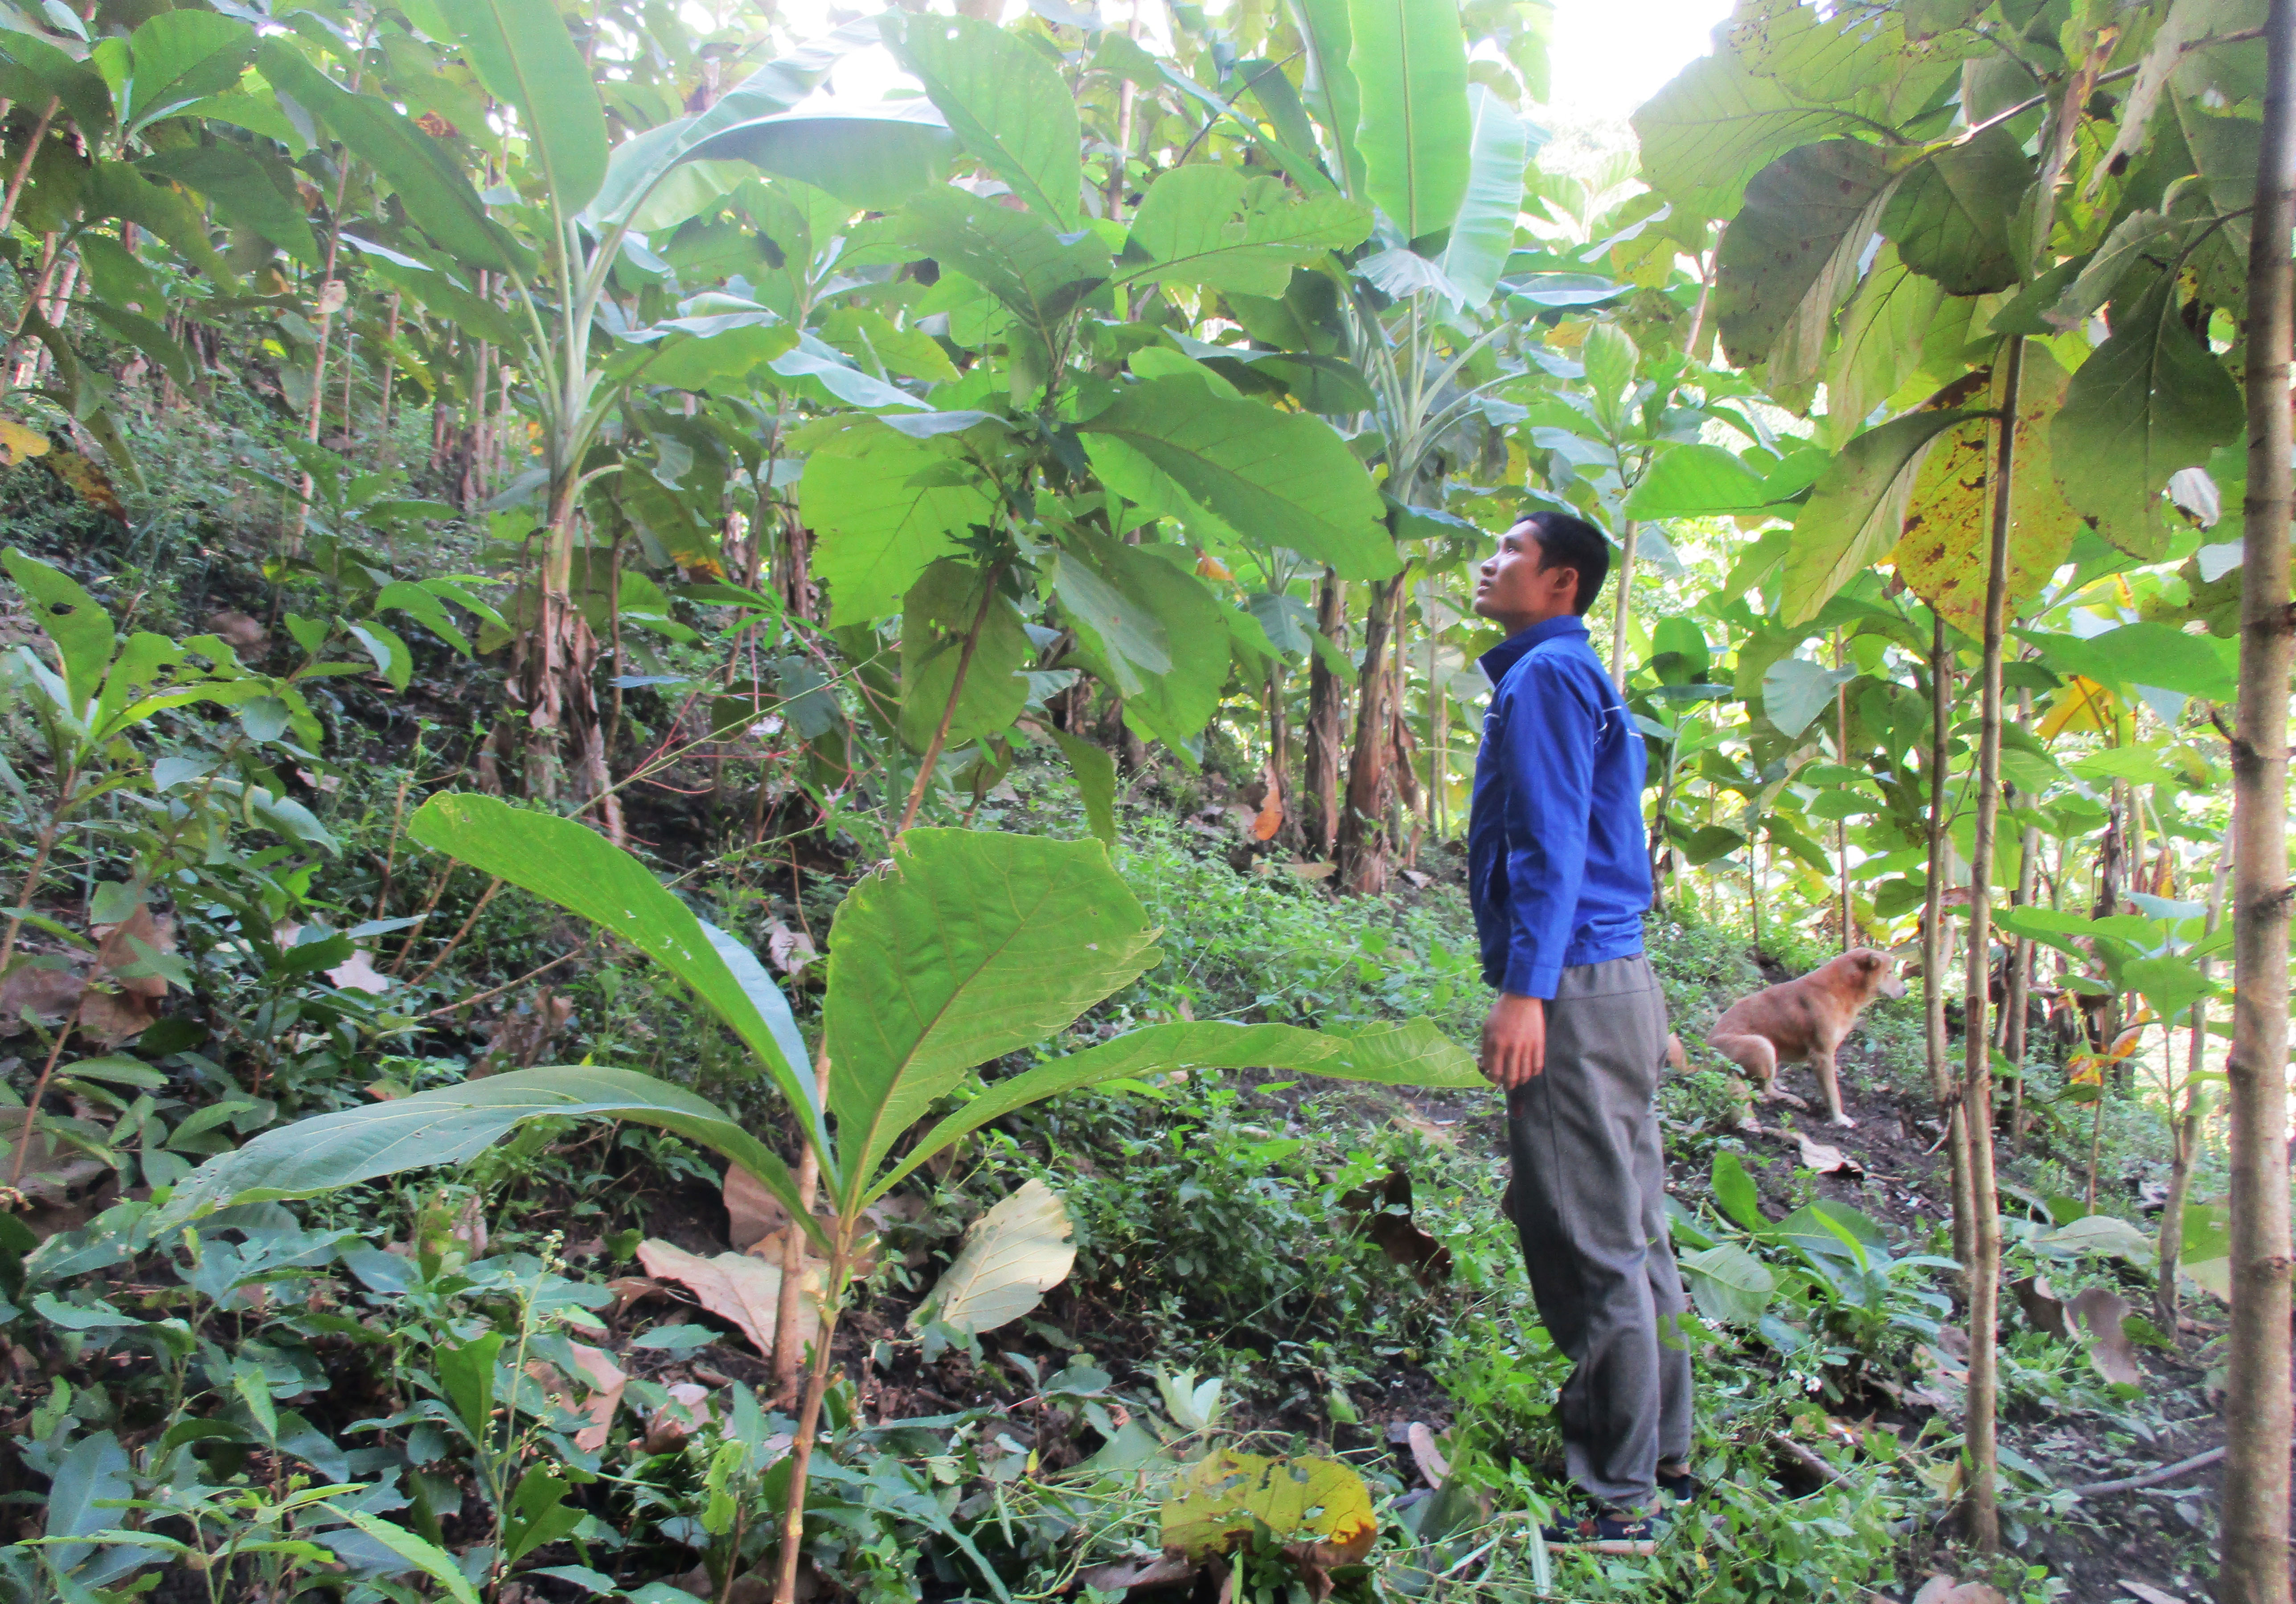 Anh Hà Văn Tình, dân tộc Thái ở bản Chiềng Cồng luôn dành phần lớn thời gian vào rừng chăm sóc cây